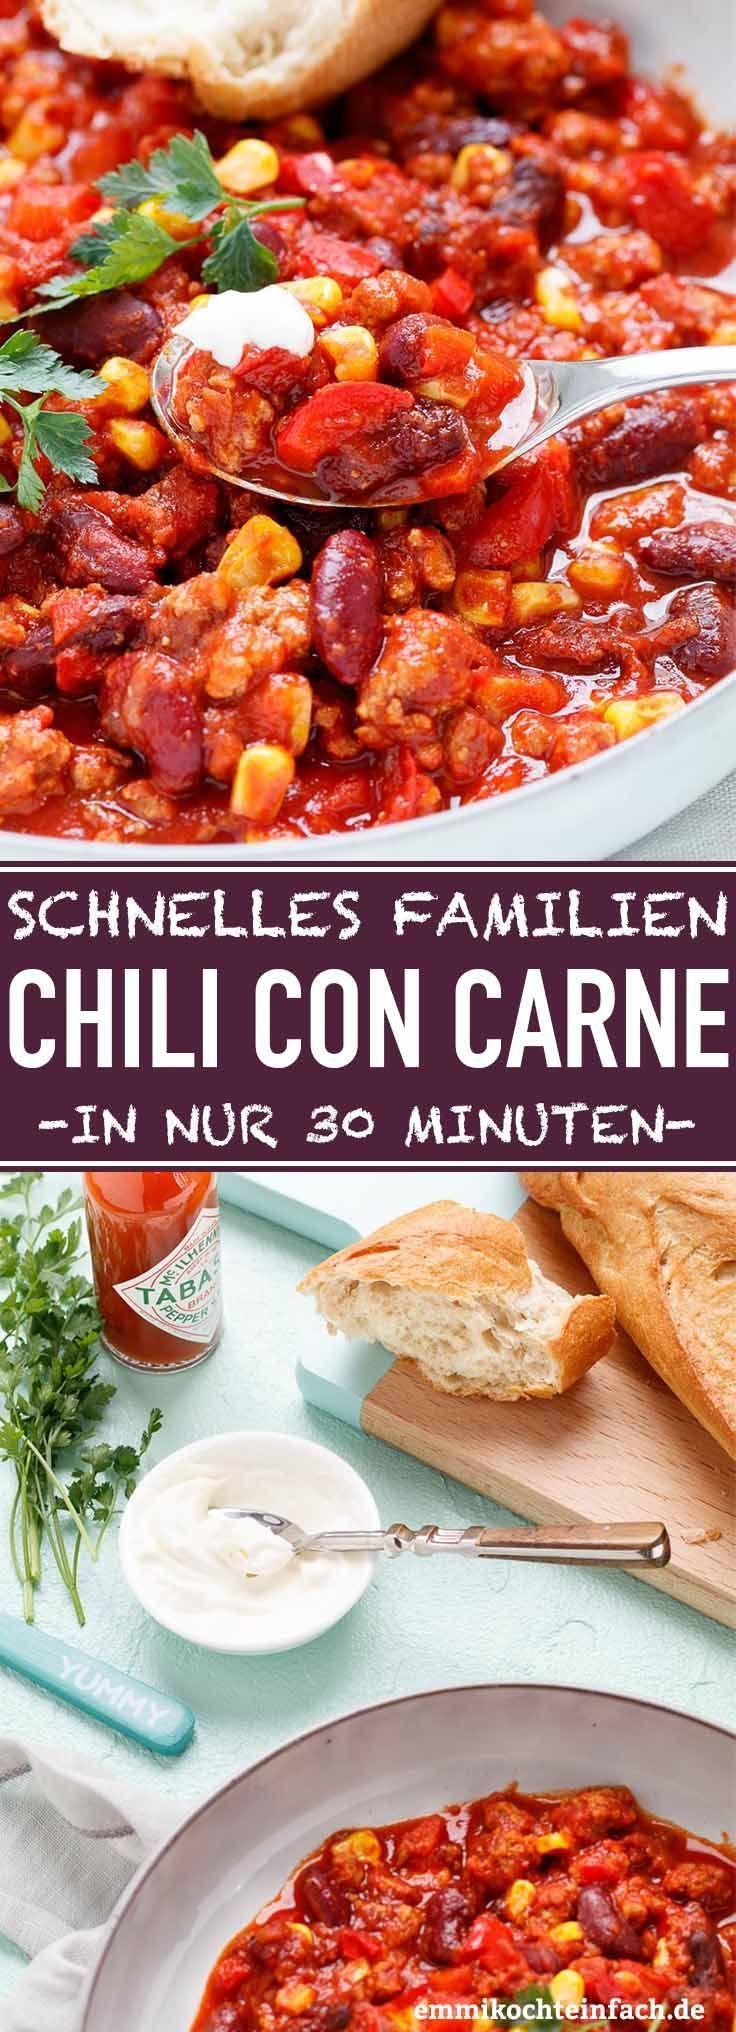 Schnelles Chili con Carne - ideal für Familien - emmikochteinfach